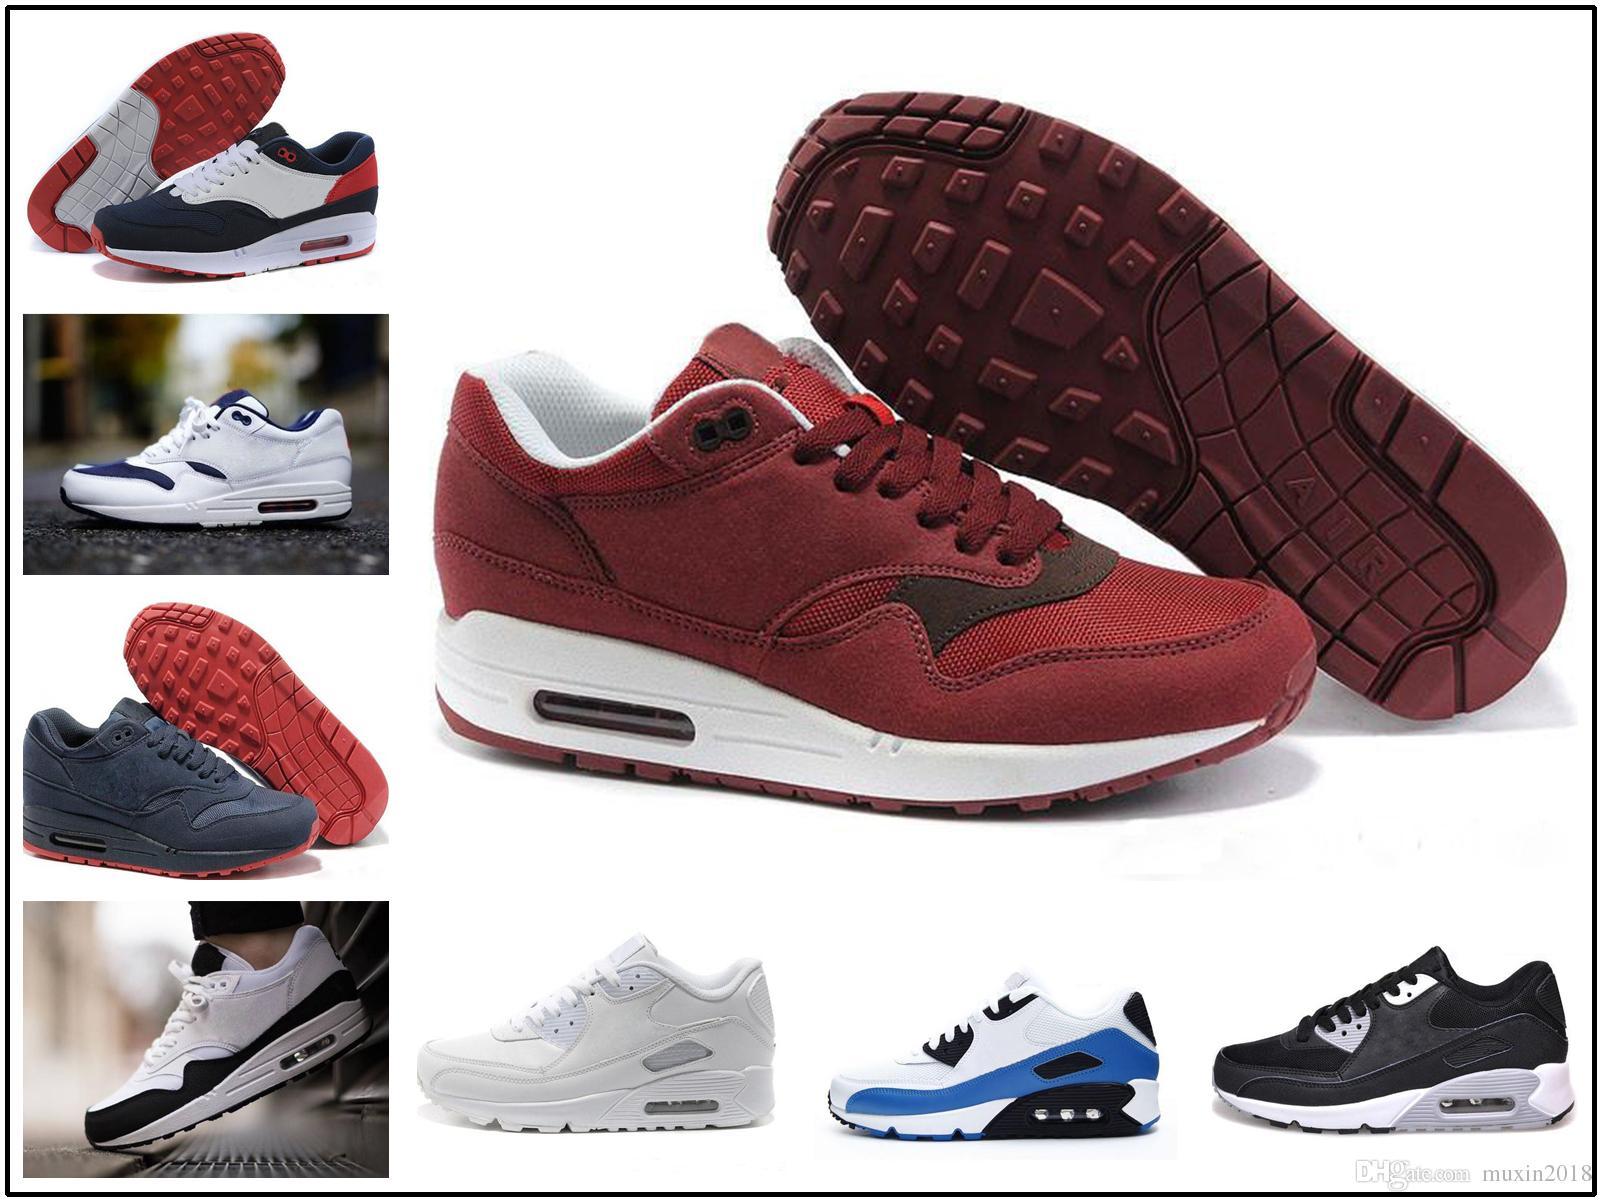 premium selection 02a72 8d738 Acheter Nike Air Max 87 90 Airmax 87 90 Acheter Hommes Femmes 87 1  Chaussures De Course D entraînement Grises Just Do It Jewel Ultra 2.0  Maître Atmos Bred ...